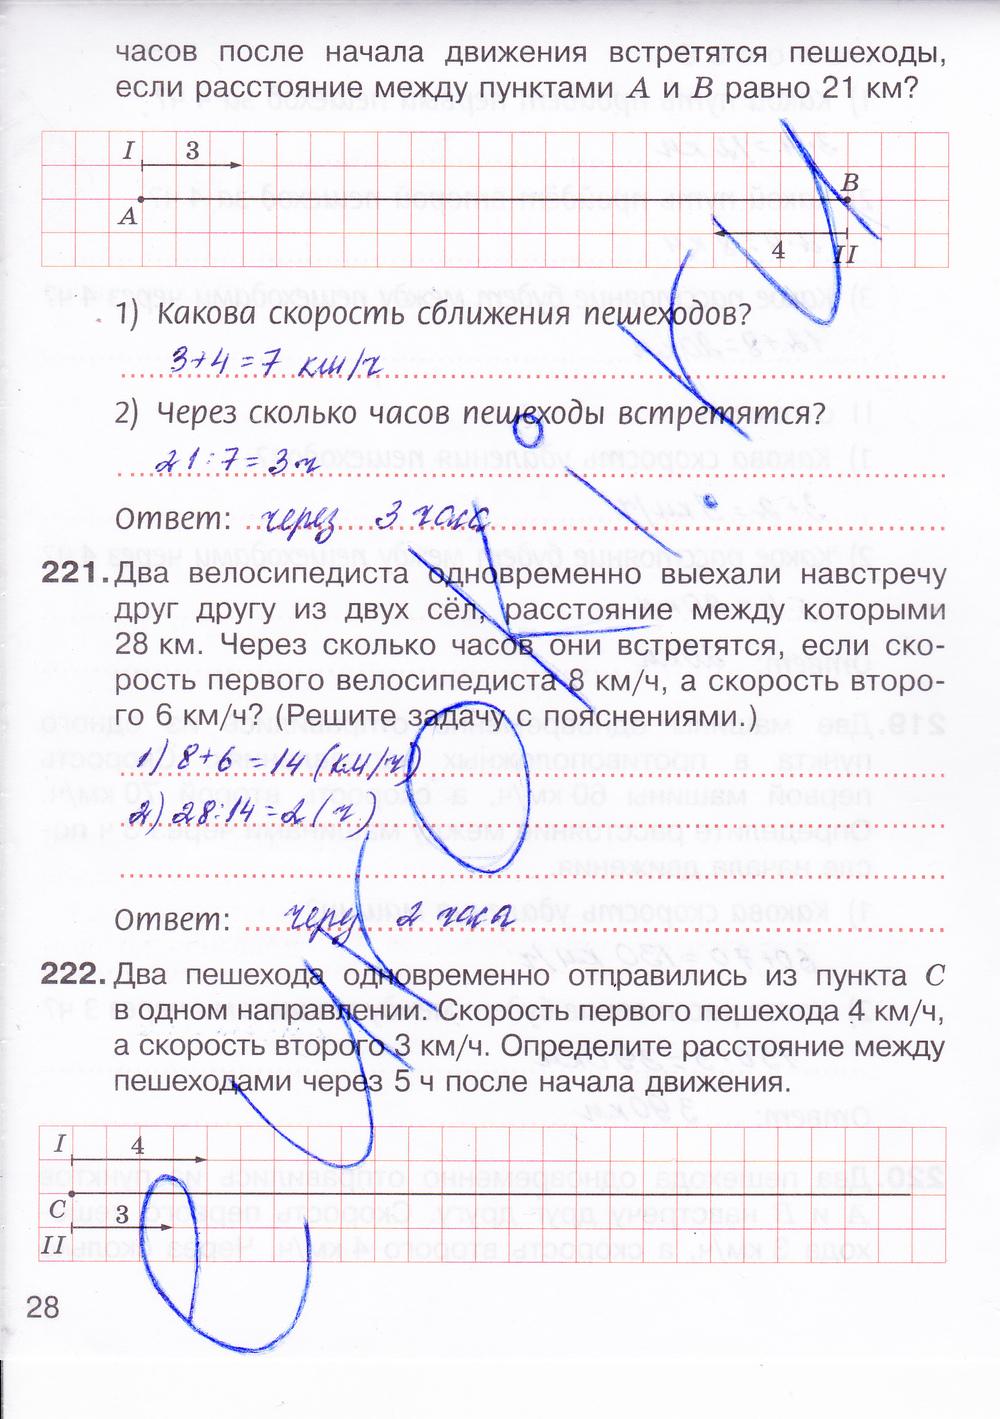 Класс 1 часть гдз с.м.никольский по 5 математике